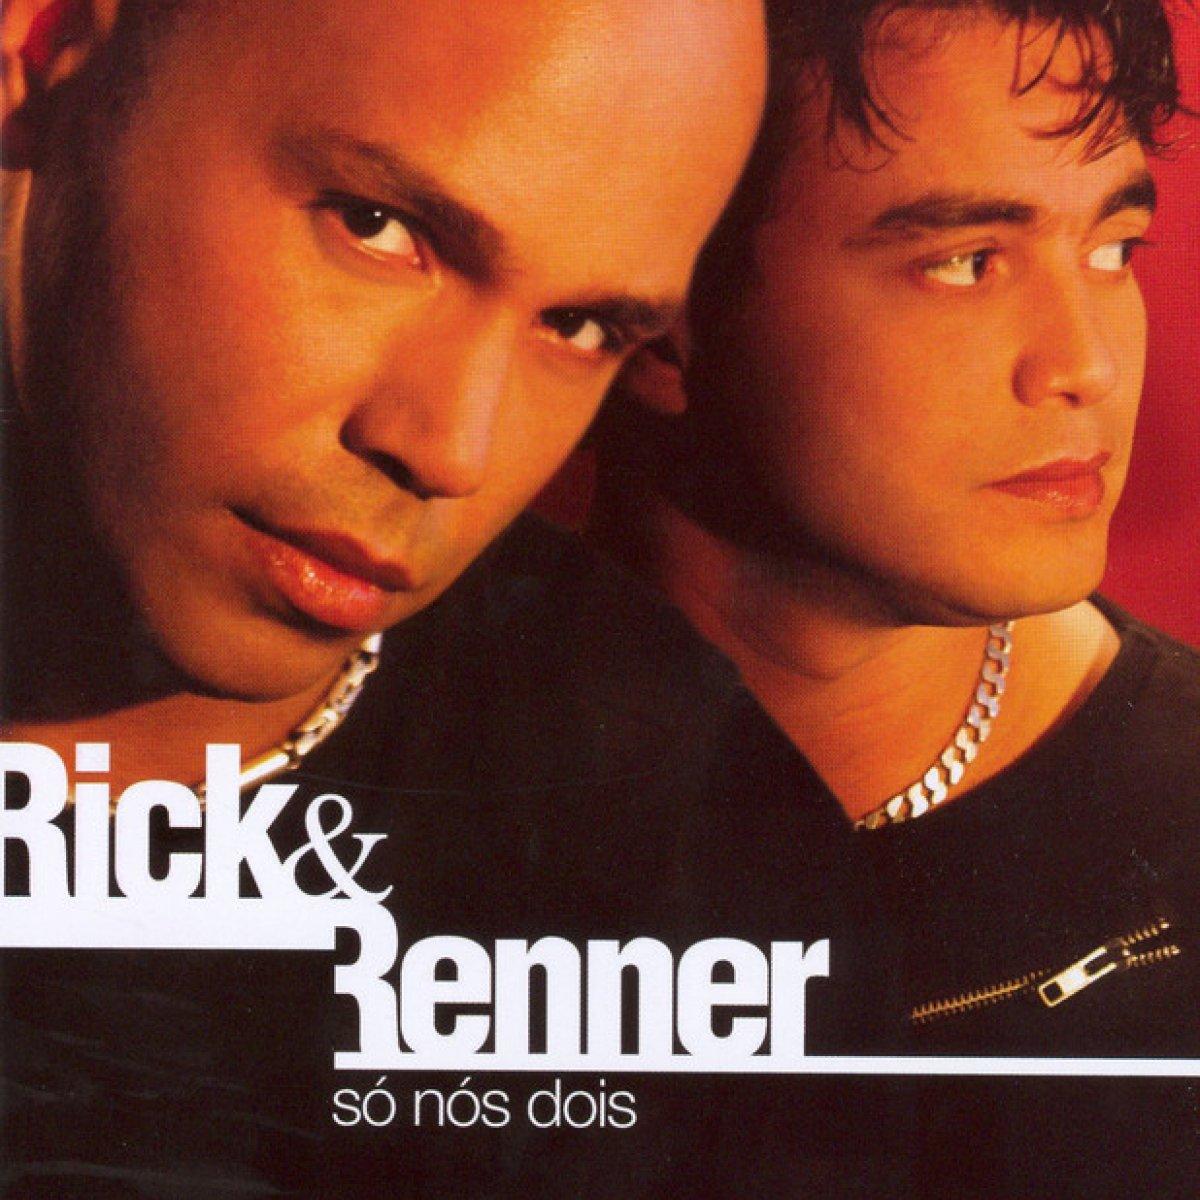 S� n�s dois - Rick e Renner